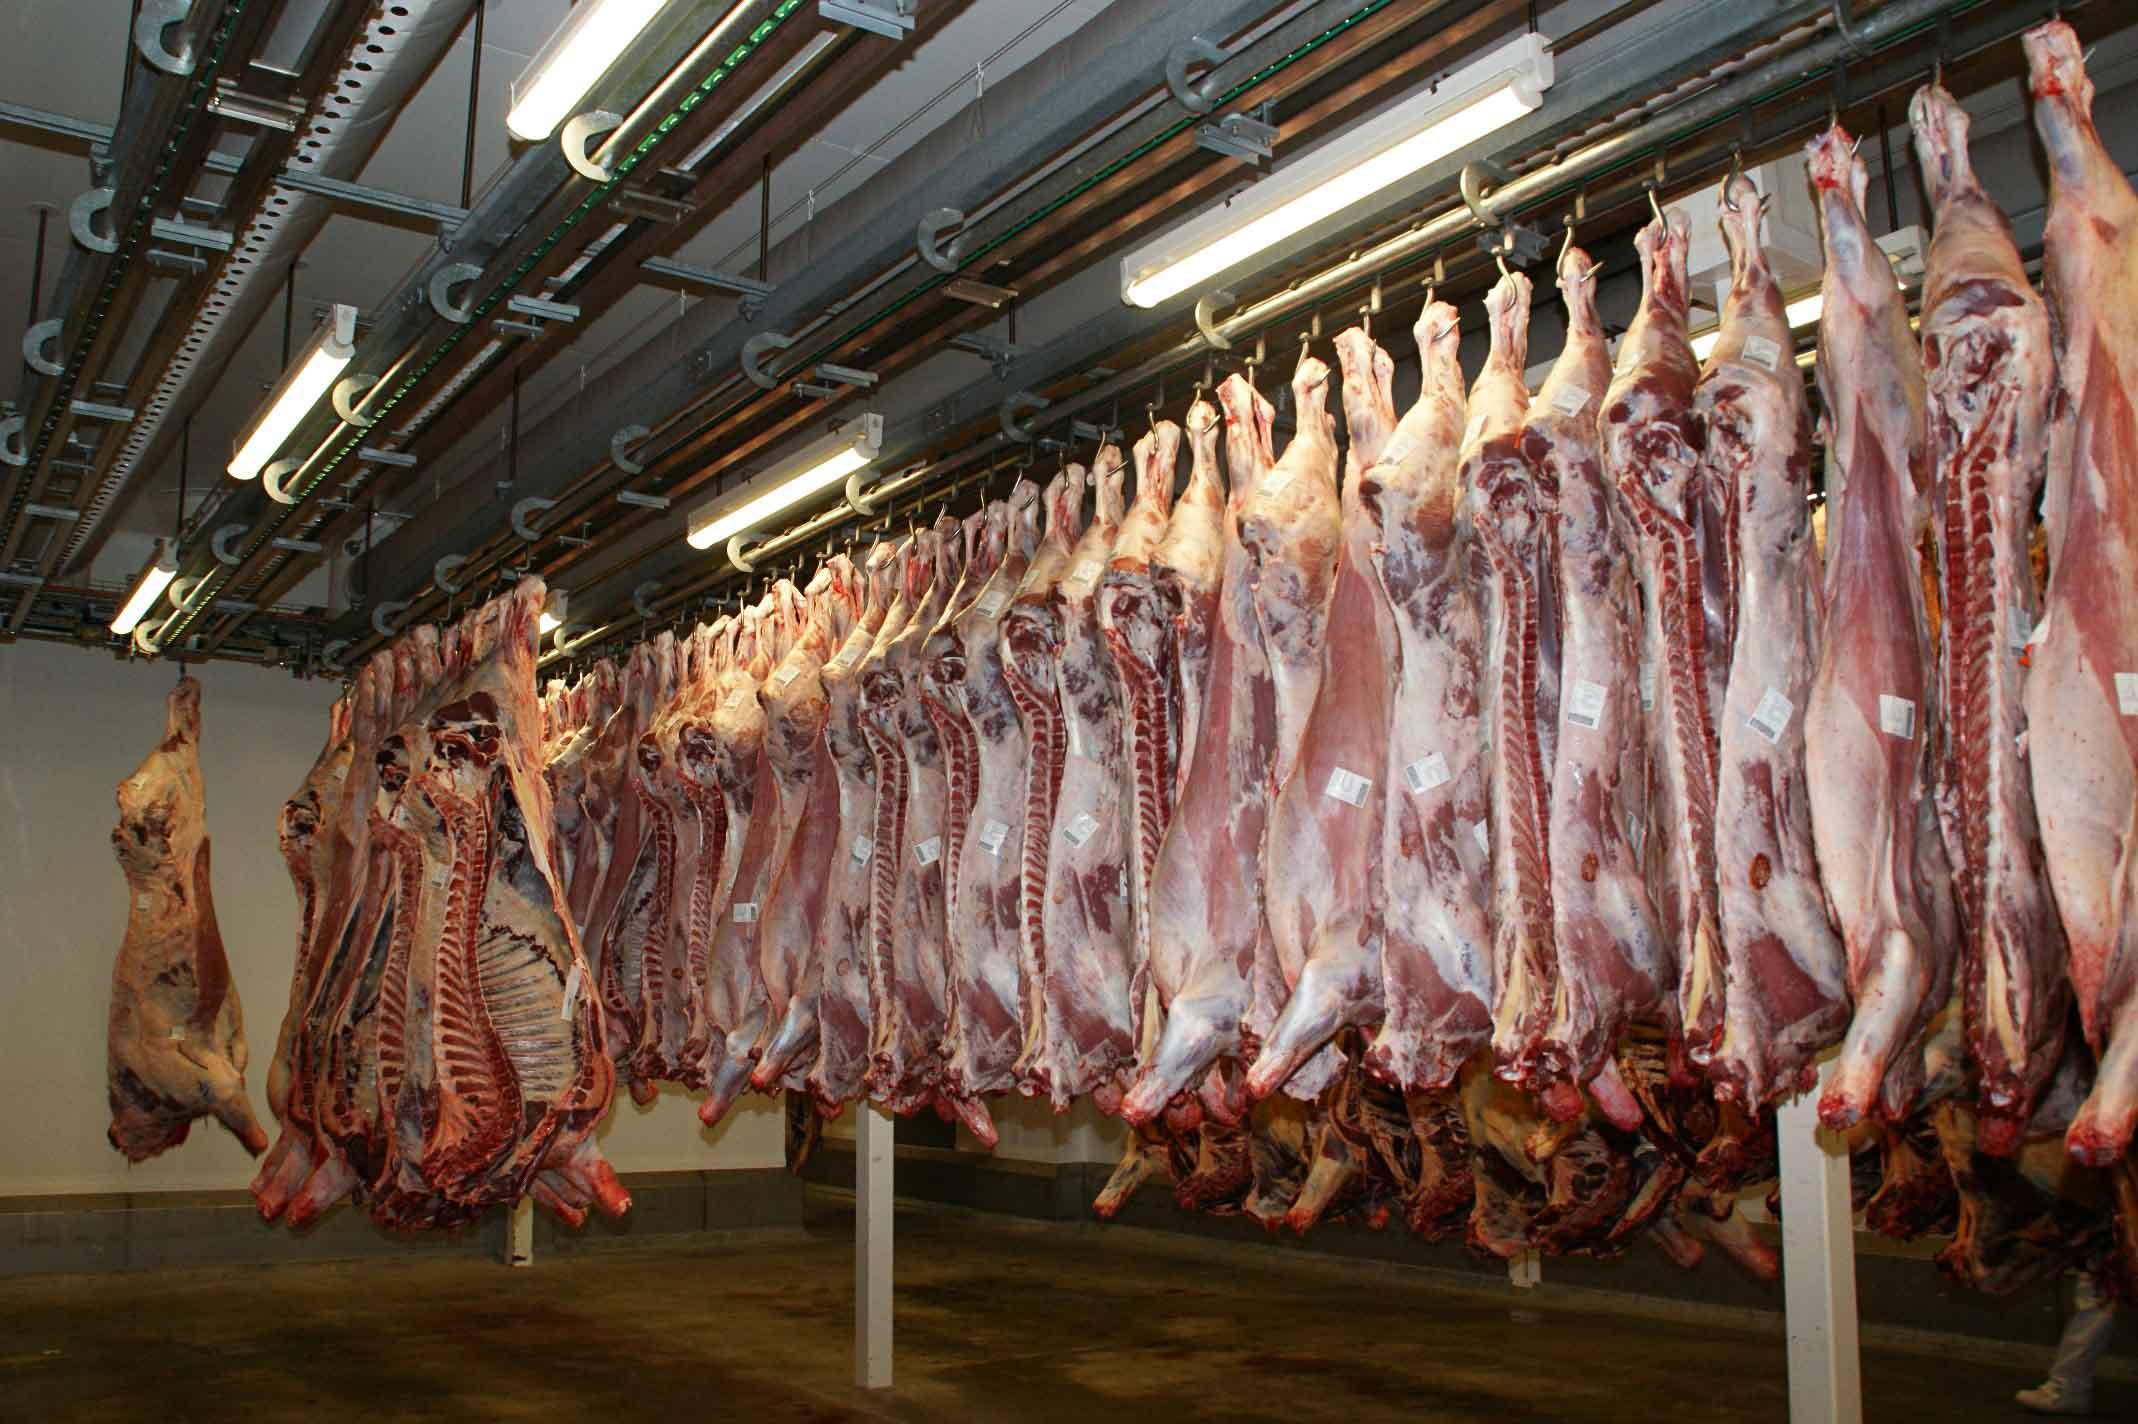 Piezas de carne colgadas en matadero